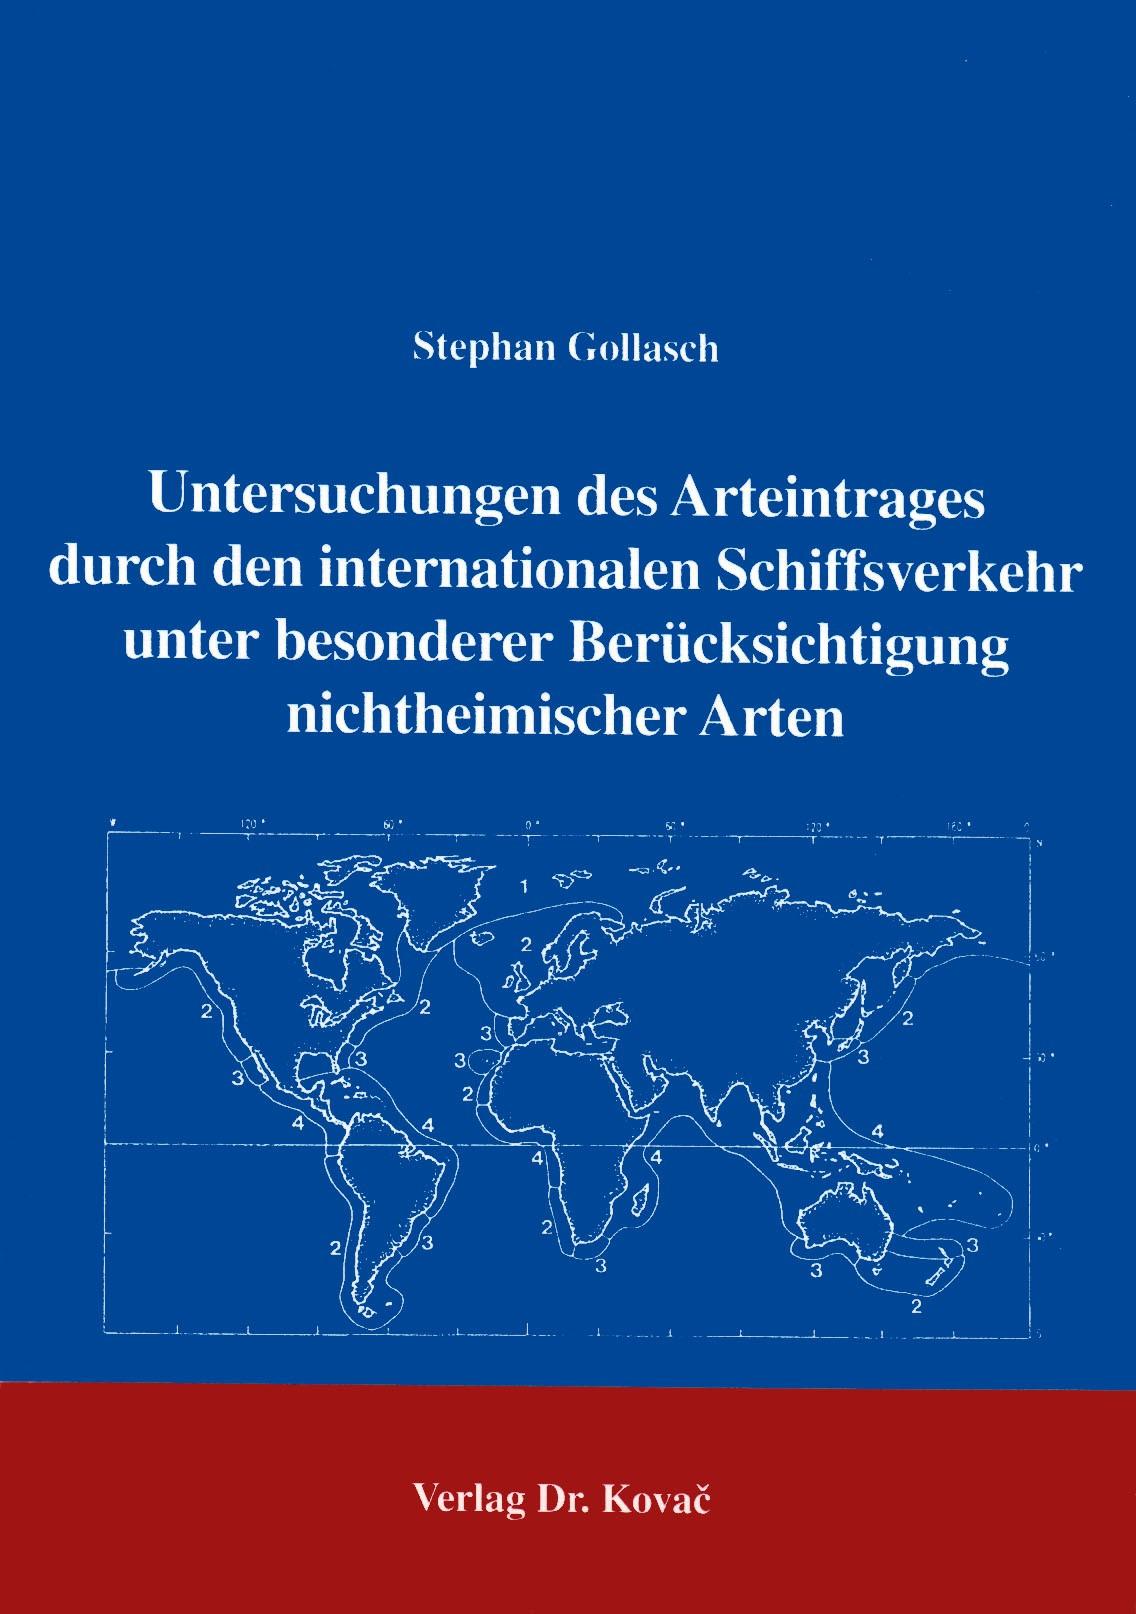 Abbildung von Gollasch | Untersuchungen des Arteintrages durch den internationalen Schiffsverkehr unter besonderer Berücksichtigung nichtheimischer Arten | 1996